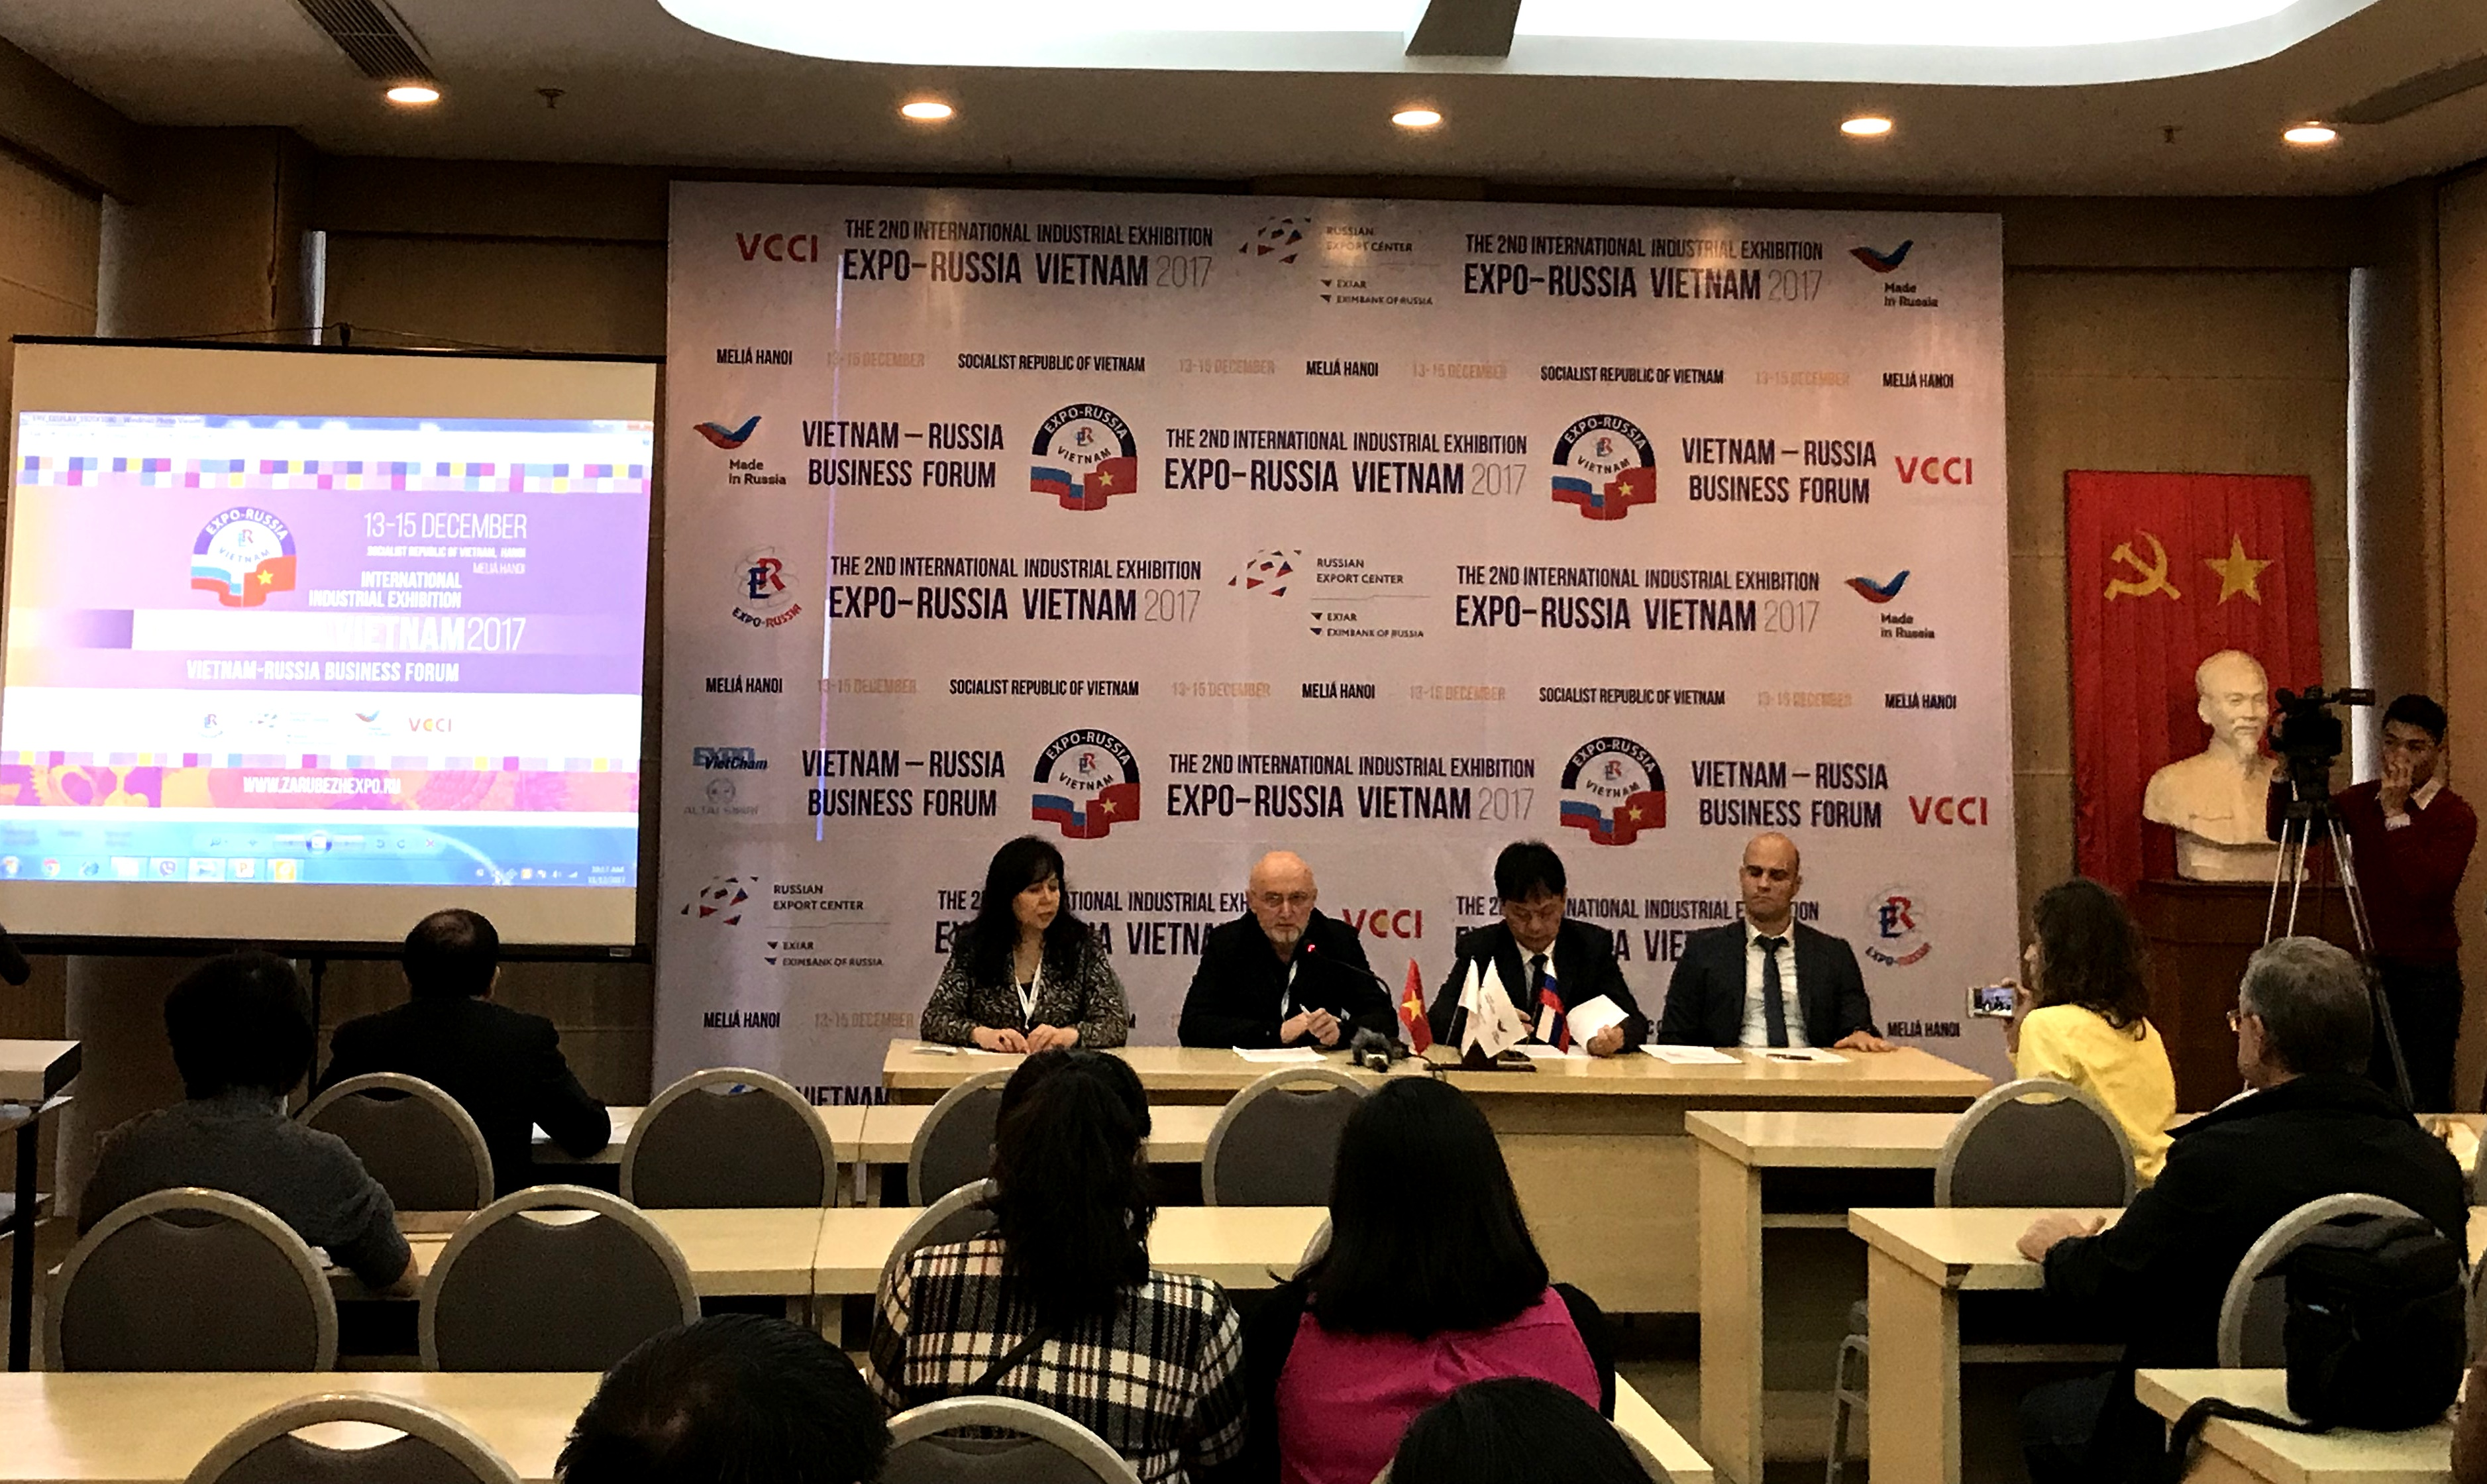 Triển lãm công nghiệp quốc tế Nga - Việt: Cơ hội hợp tác đầu tư cho doanh nghiệp 2 nước